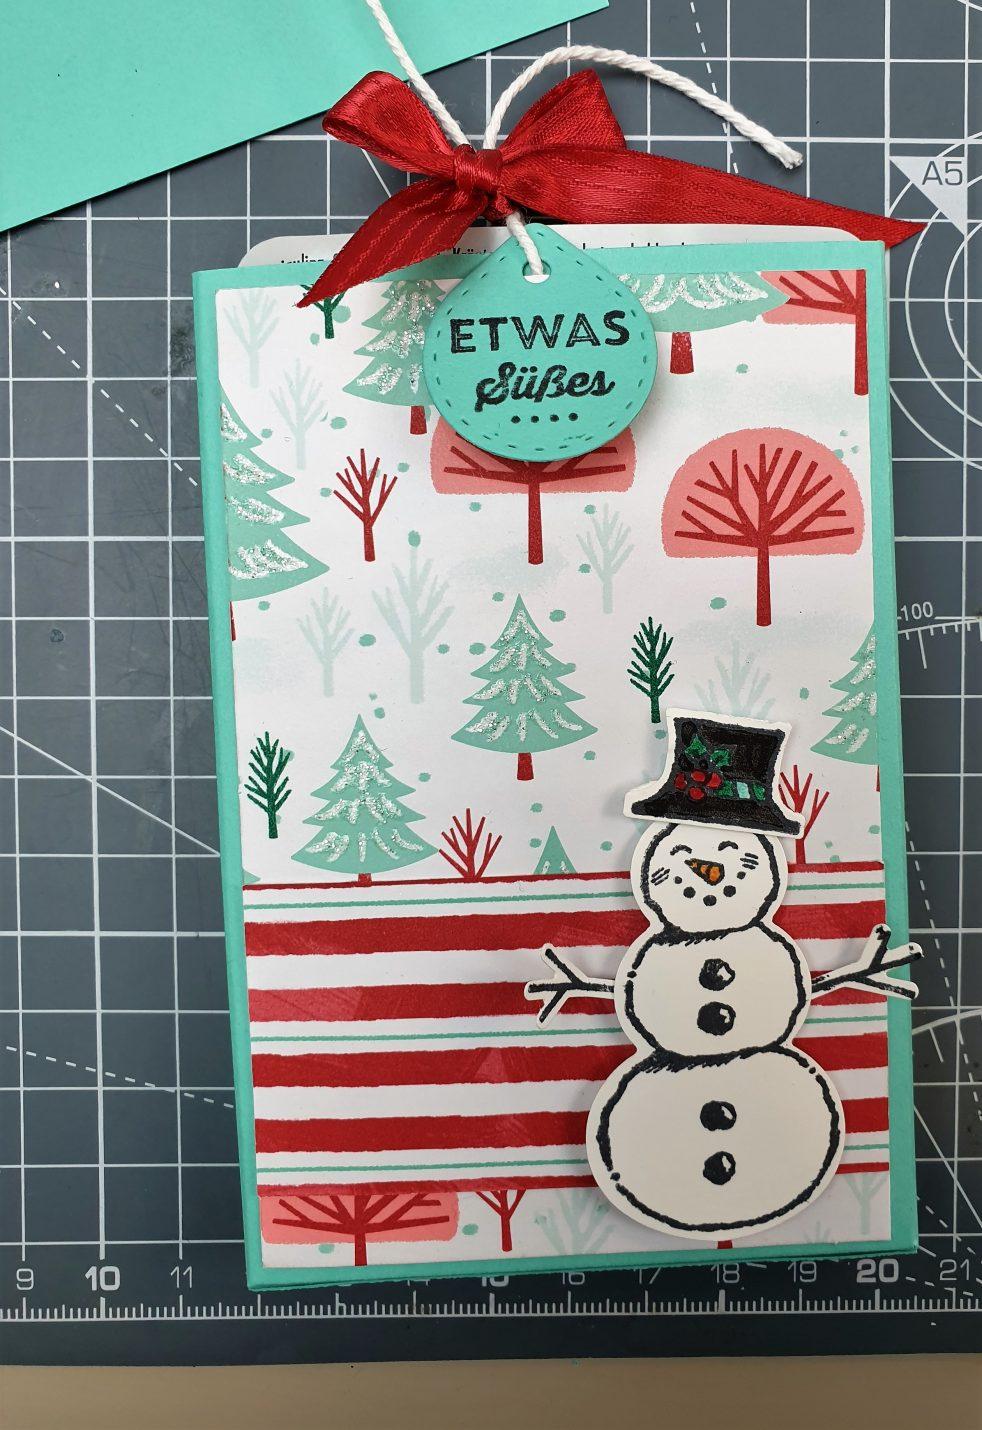 Der kleine Schneemann passt perfekt, um meinen Mini - Adventskalender für den Blog HOp Weihnachten 2019 zu verzieren.